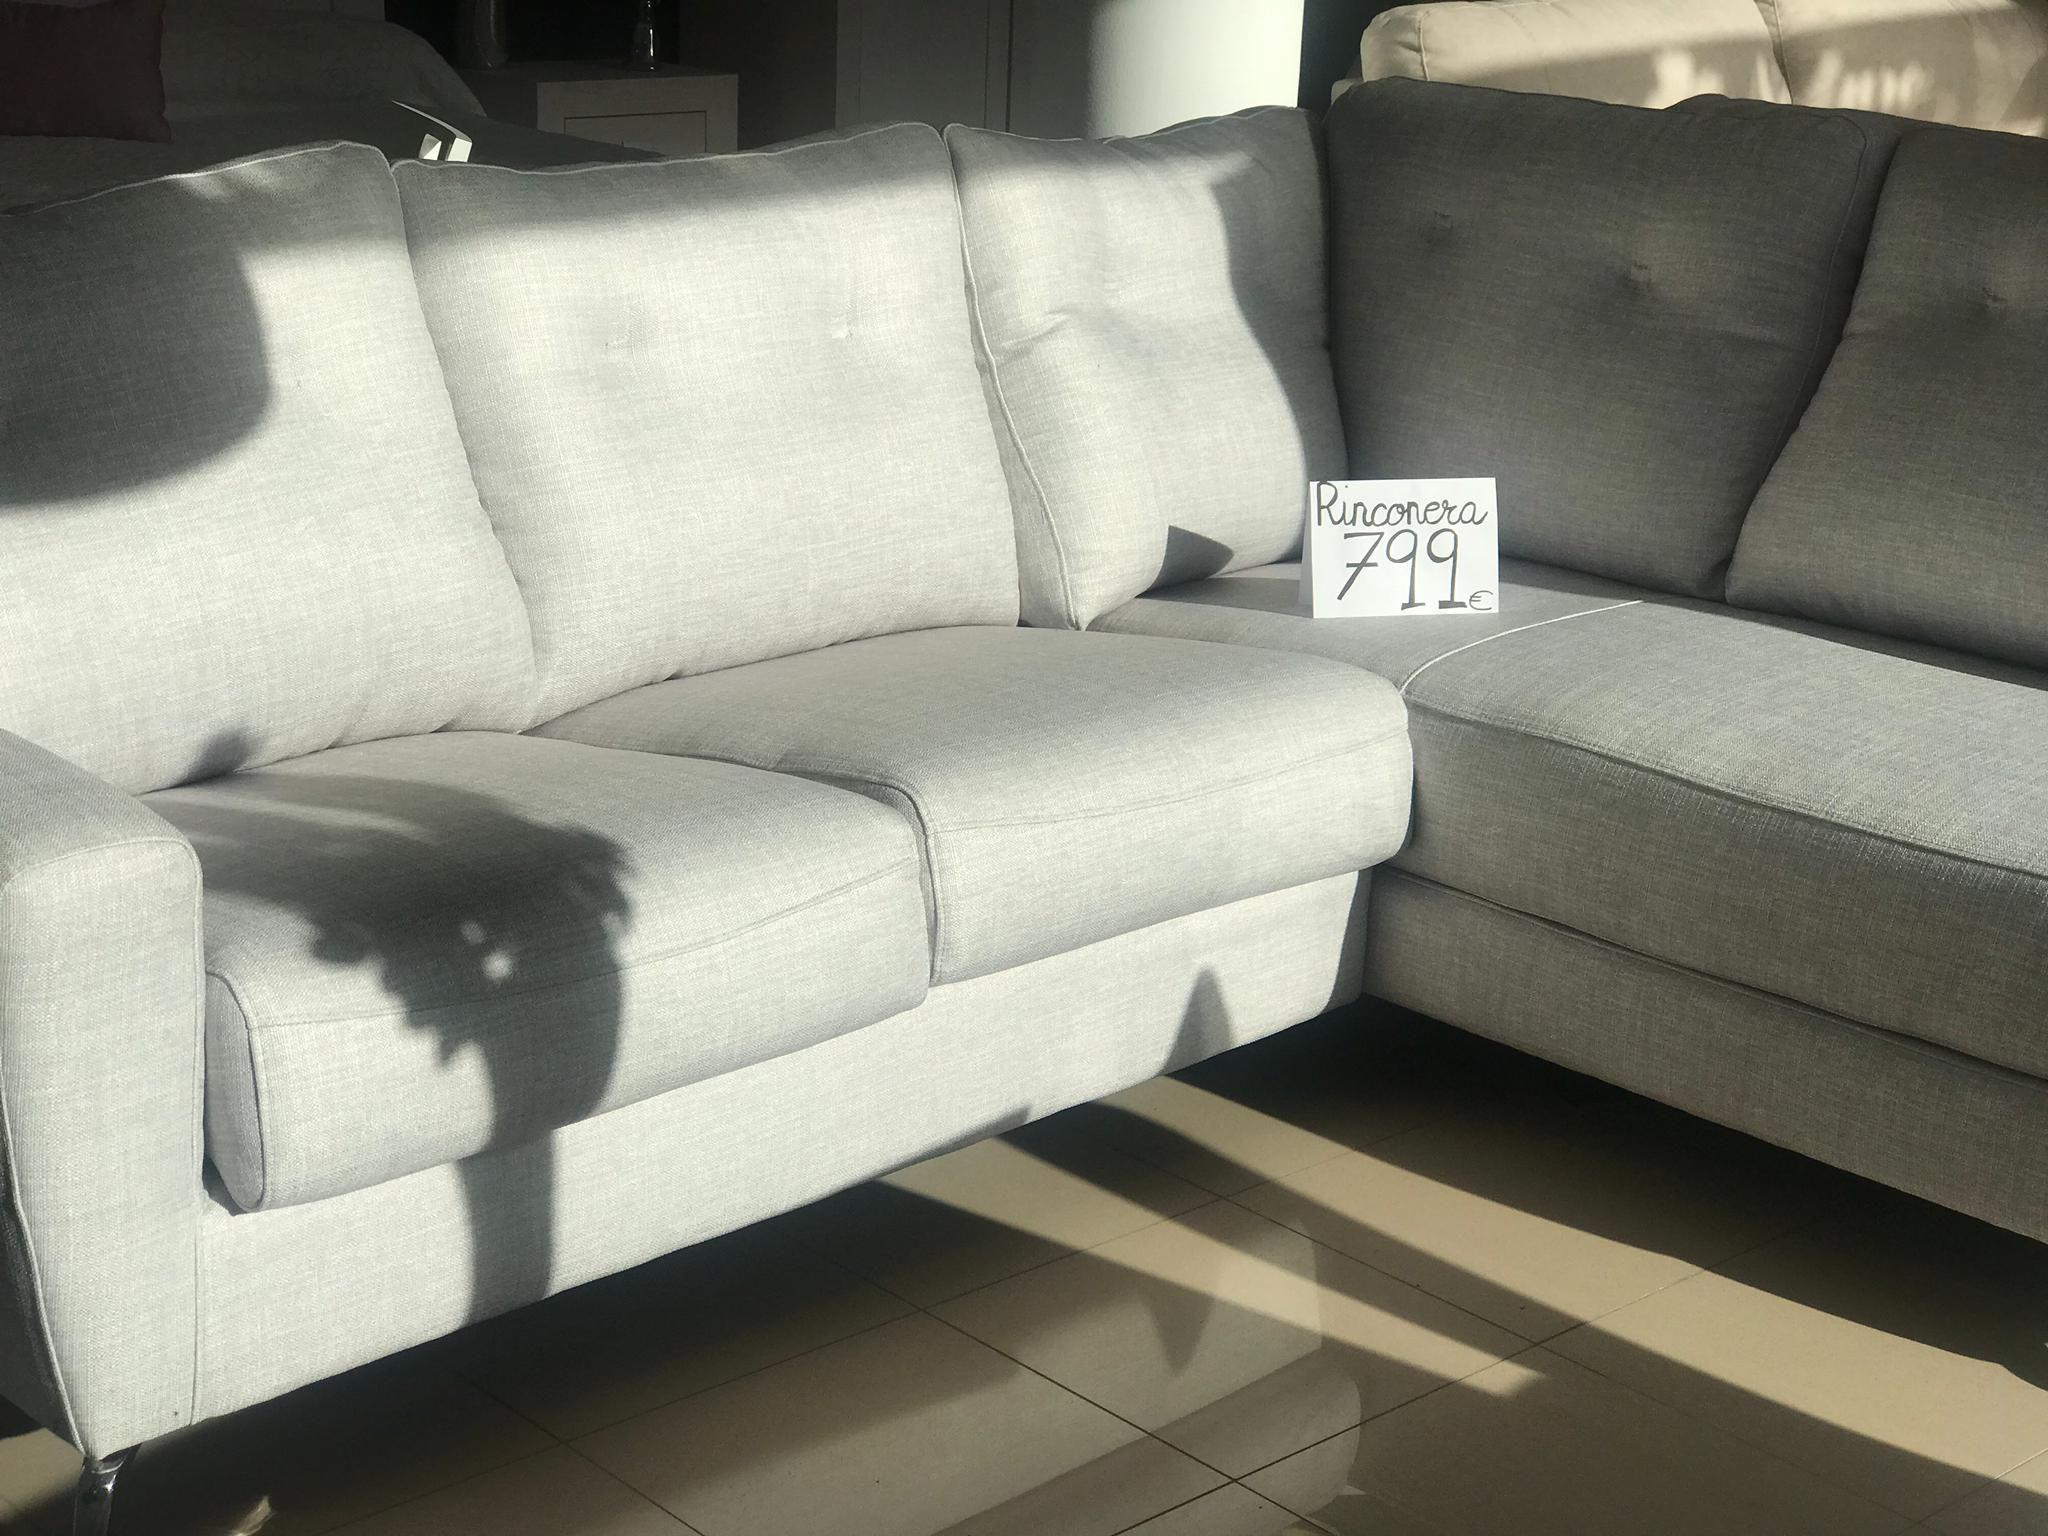 Tienda de sofás